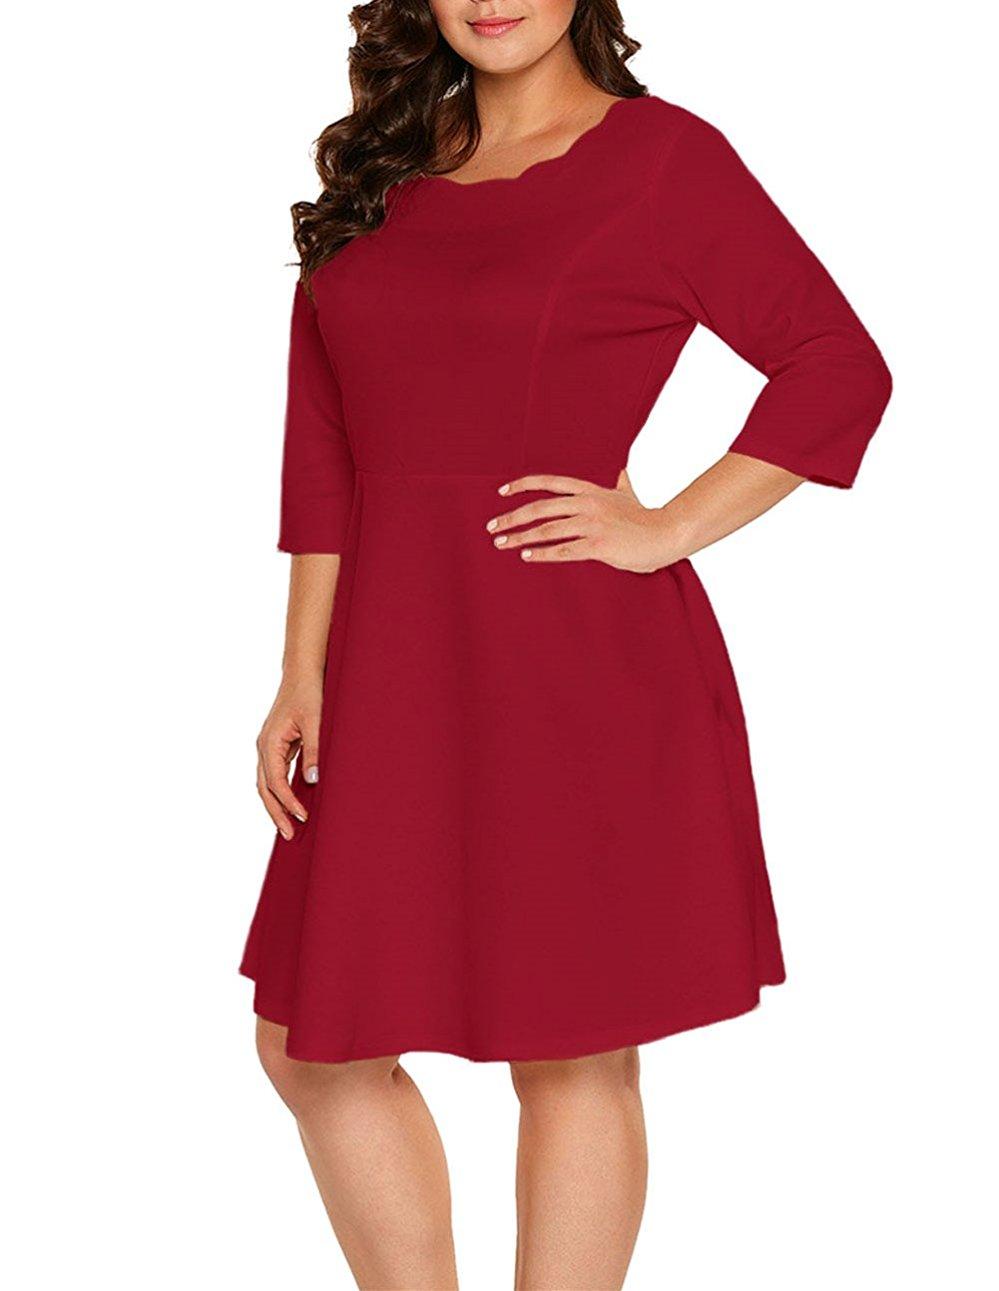 5 ways to wear a burgundy plus size dress 7 - 5-ways-to-wear-a-burgundy-plus-size-dress-7